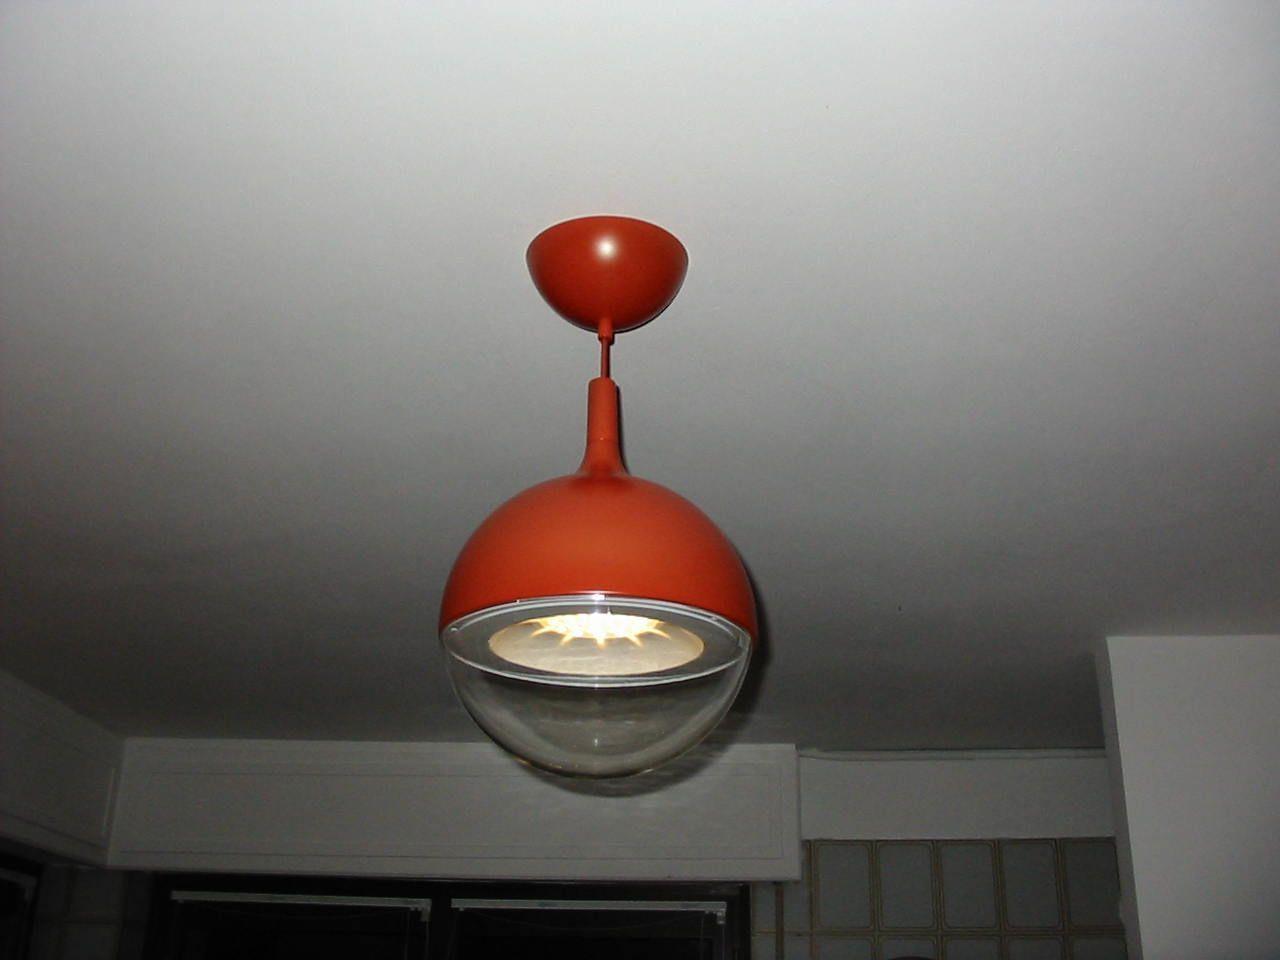 Lampade A Sospensione Ikea : Baratto scambio lampada a sospensione ikea arredamento